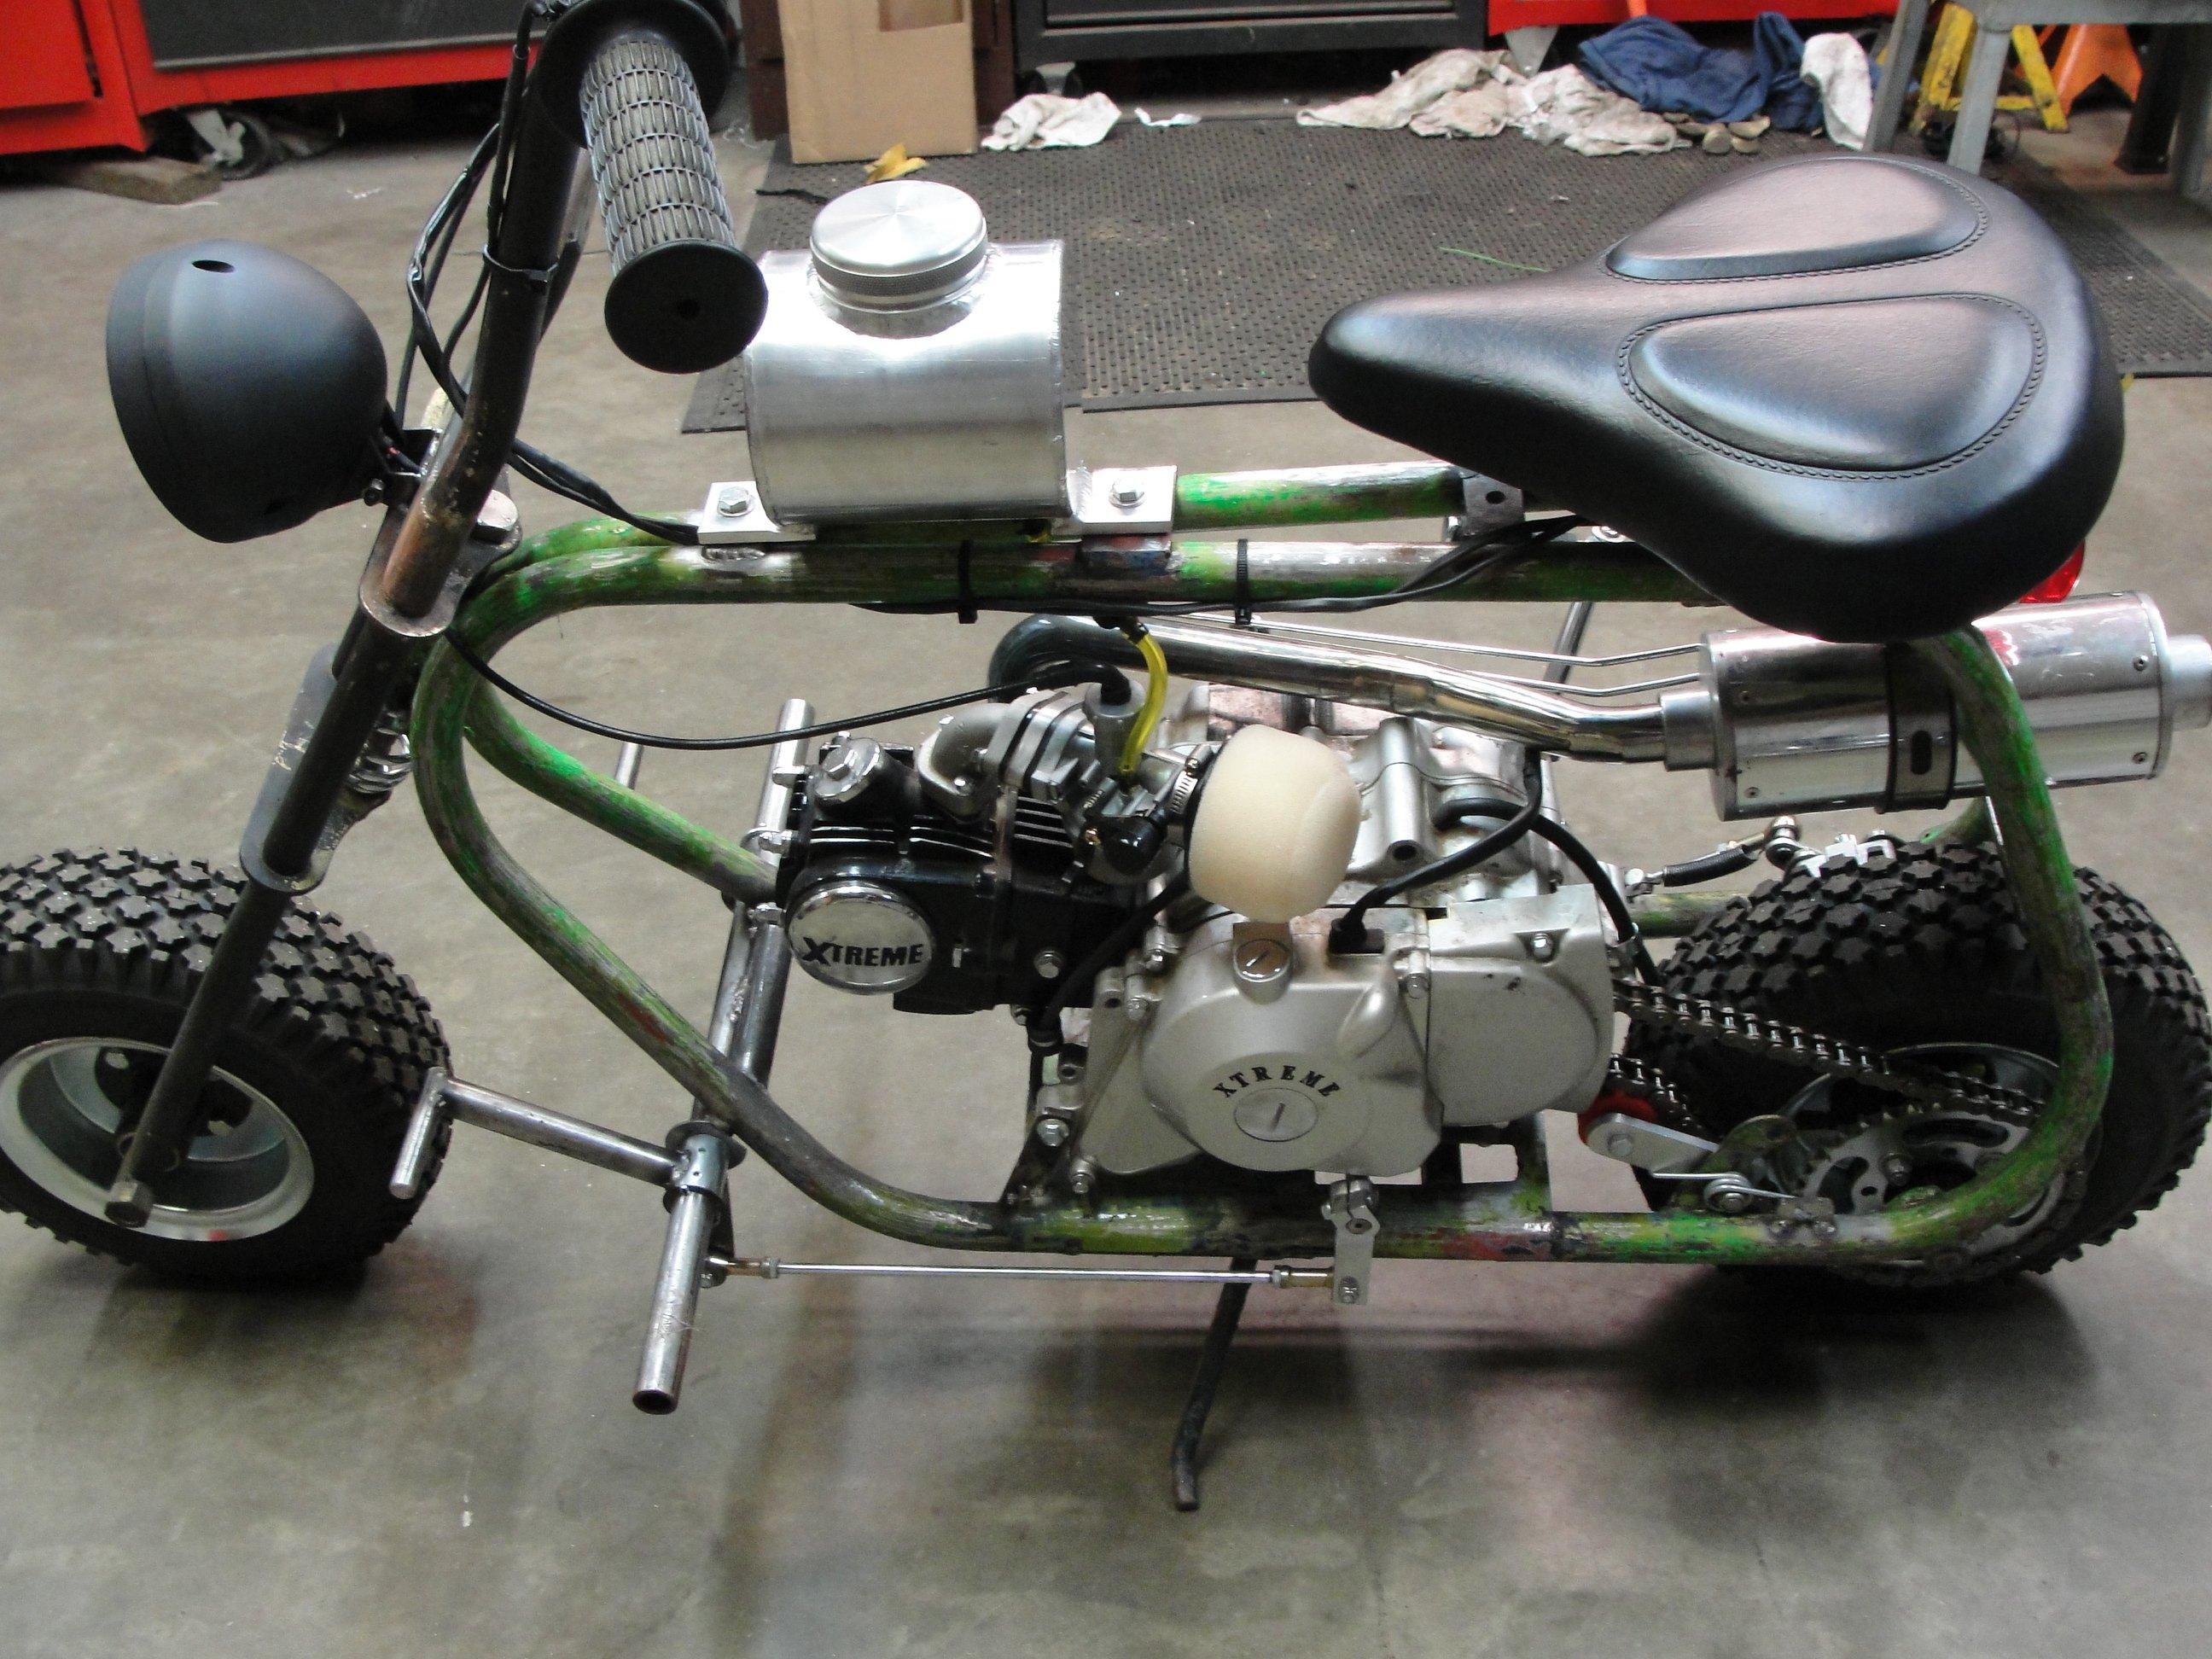 SCOOTER PALACE 97cc Mini Baja Doodlebug Mini Bike Part